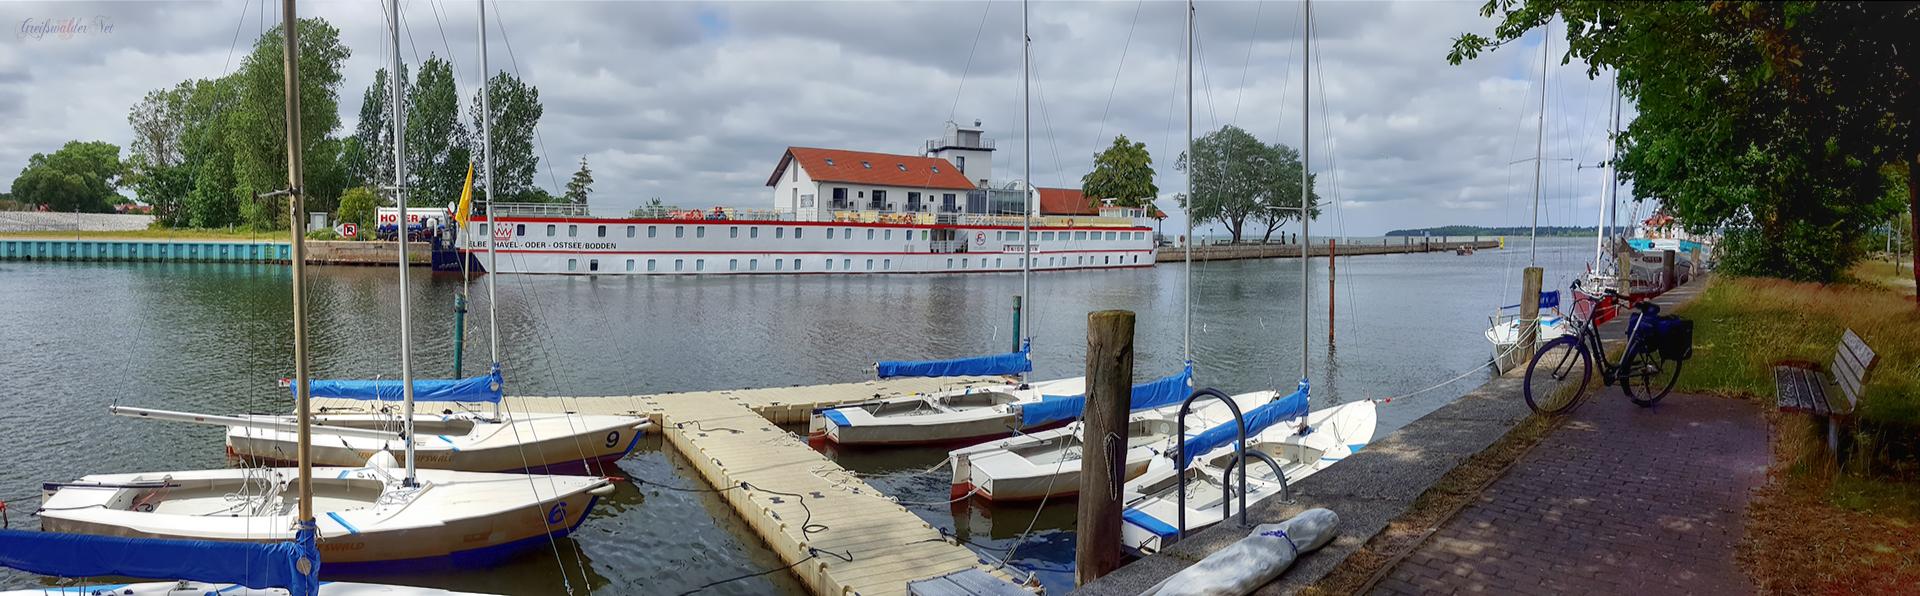 Hafeneinfahrt Greifswald-Wieck